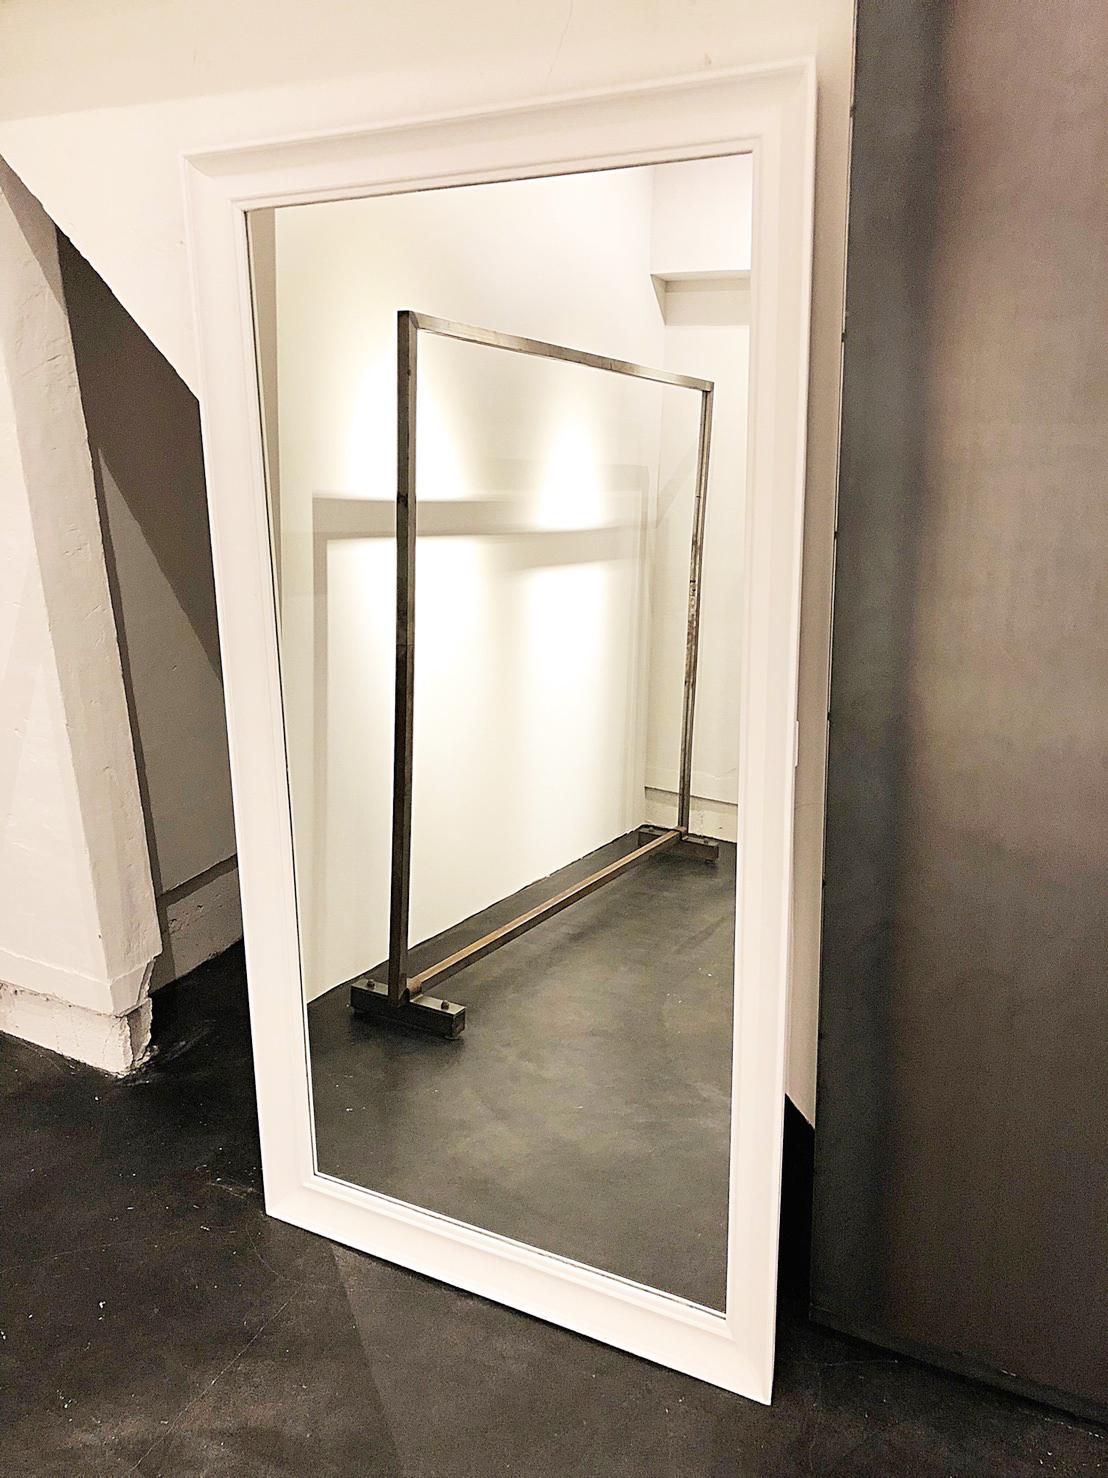 鏡 W920 H1700